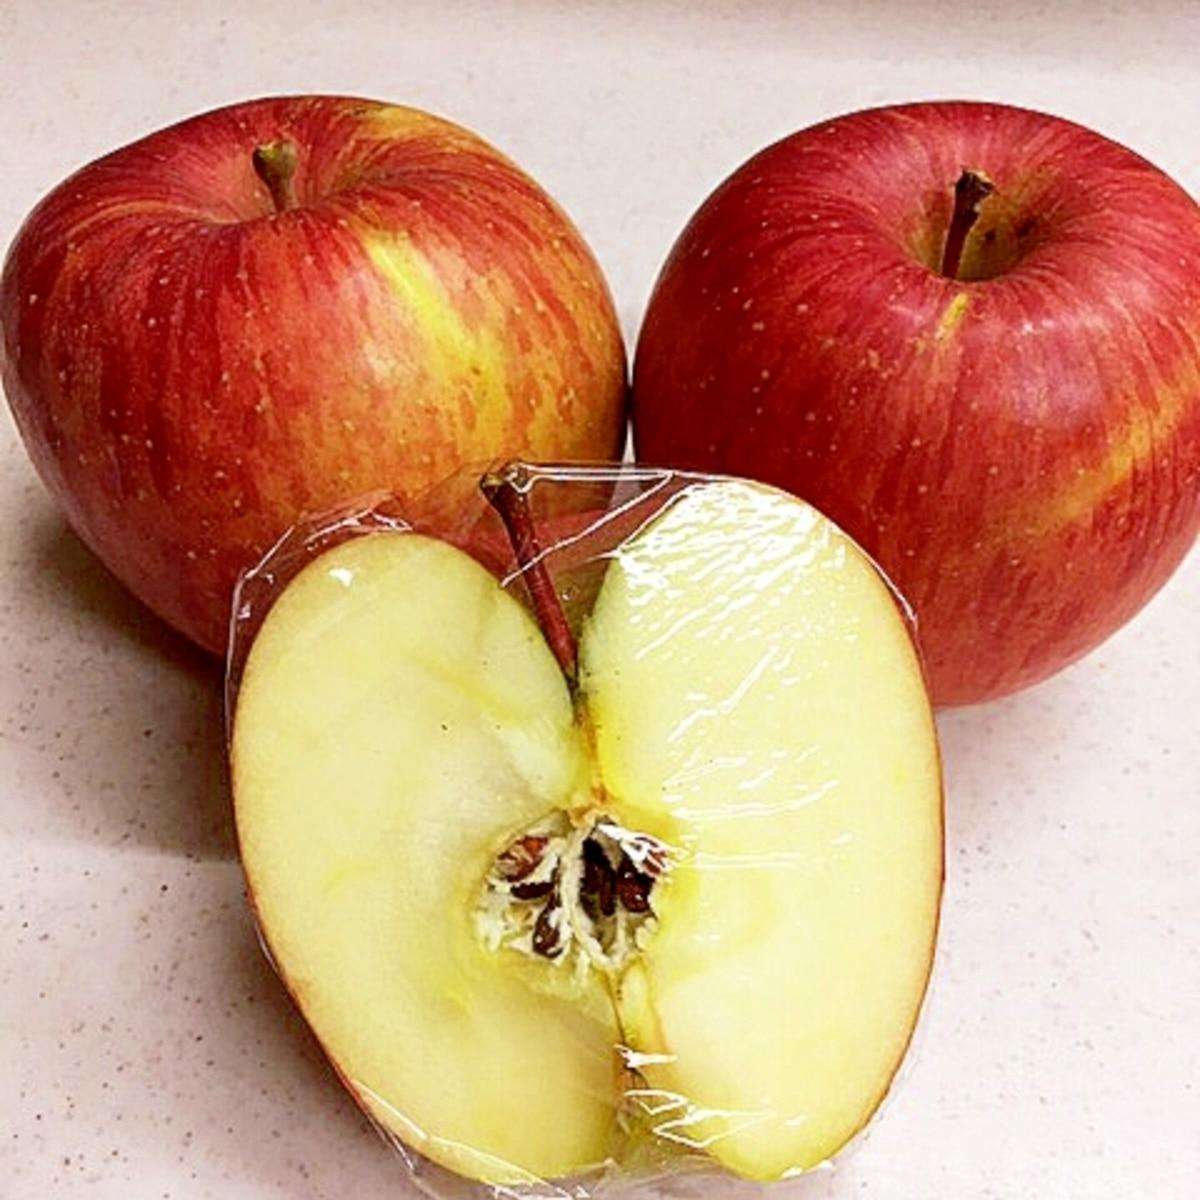 防ぐ りんご 変色